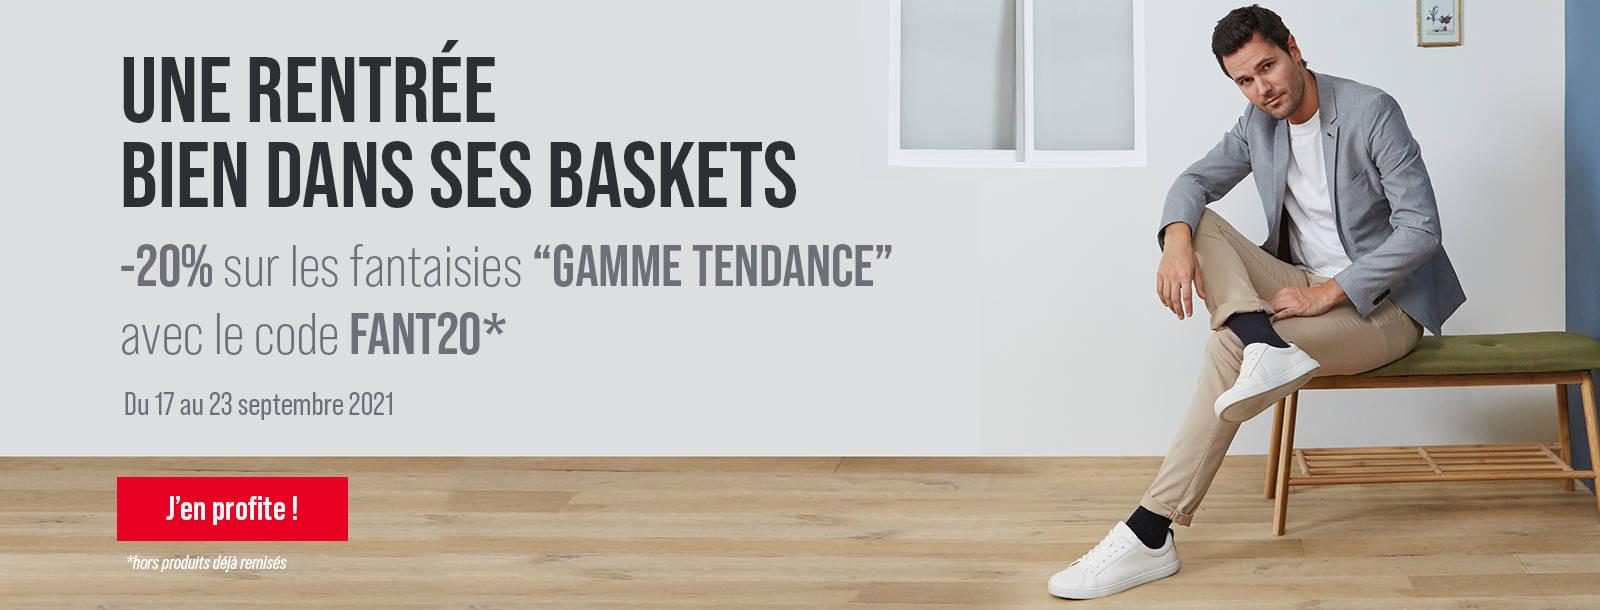 Gamme Tendance